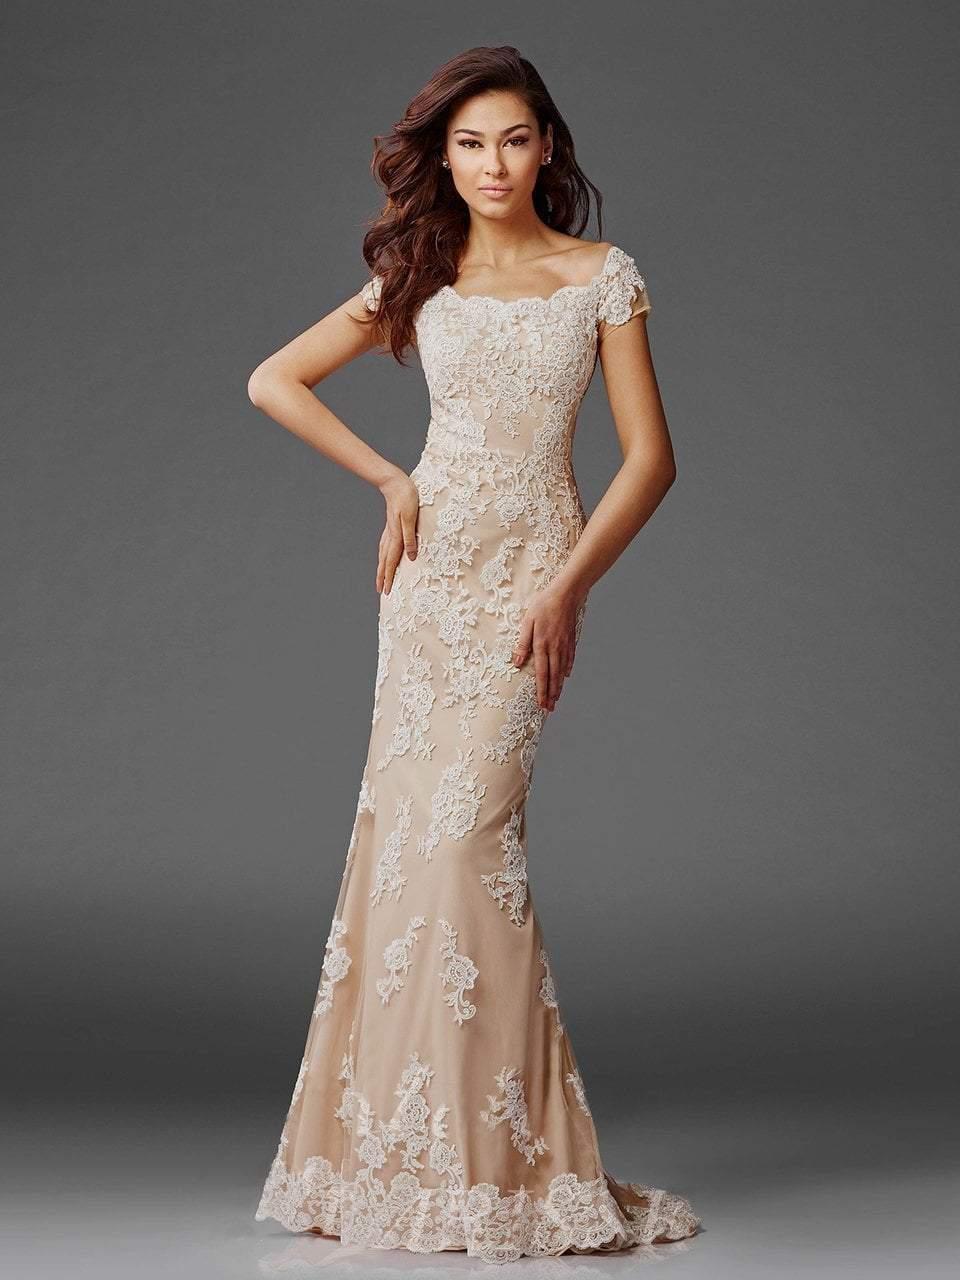 Clarisse - M6417 Romantic Lace Bateau Evening Gown